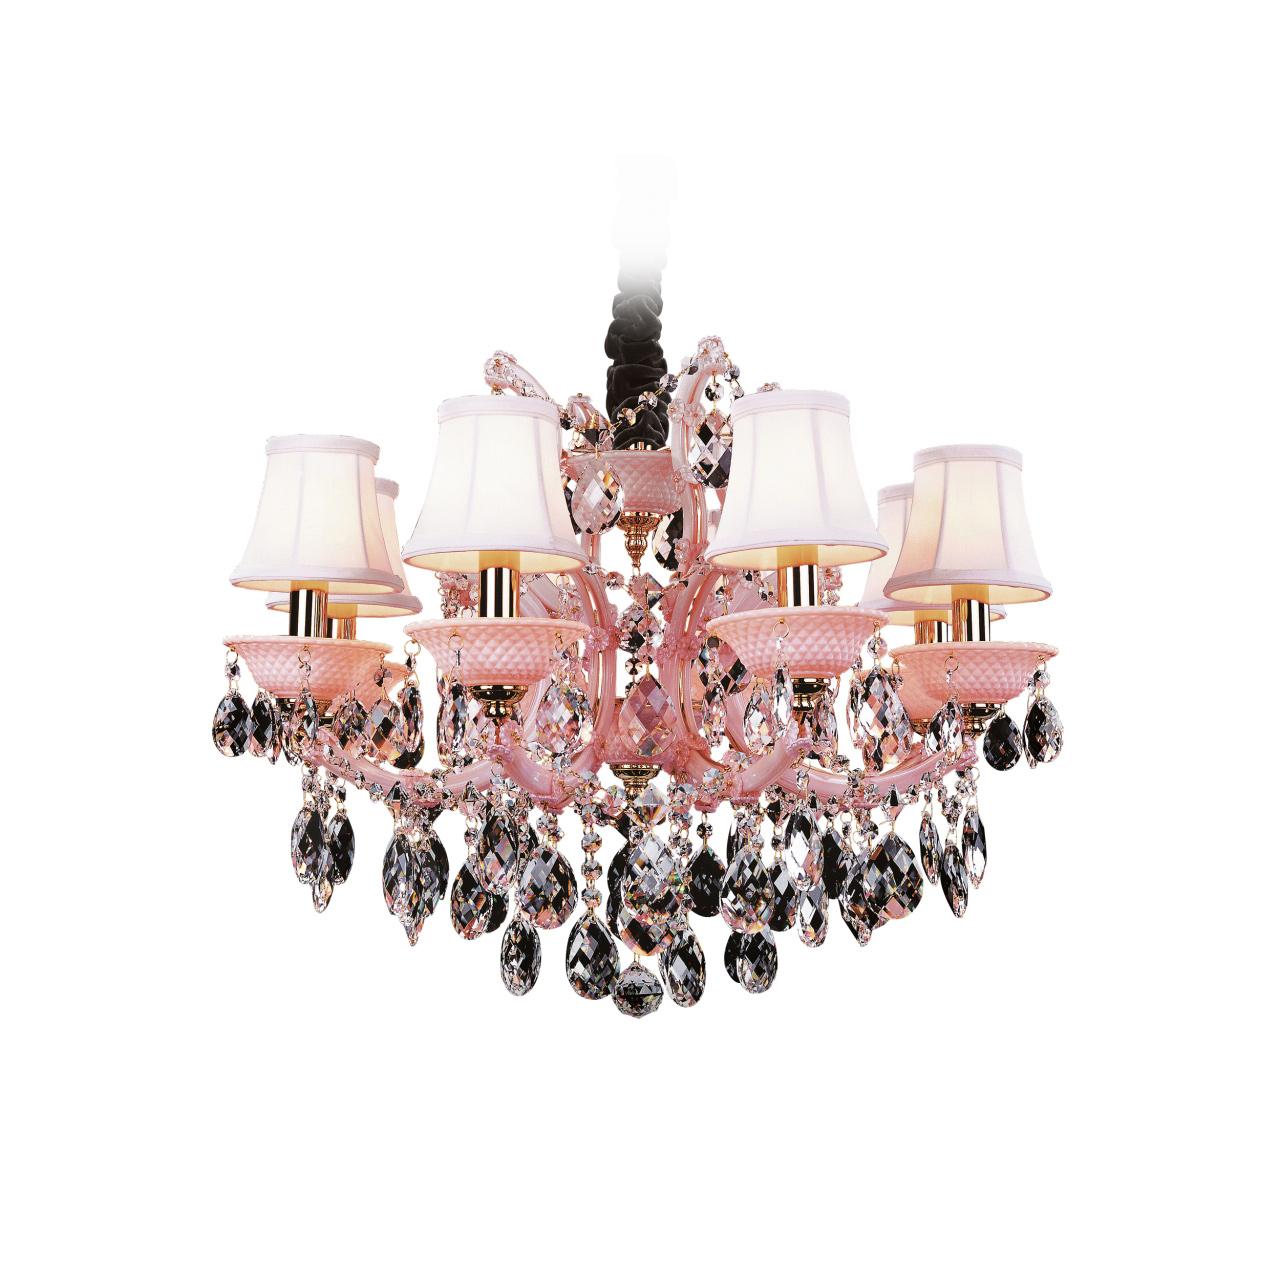 Люстра подвесная Princia 8х40W E14 розовый / прозрачный Osgona 726082